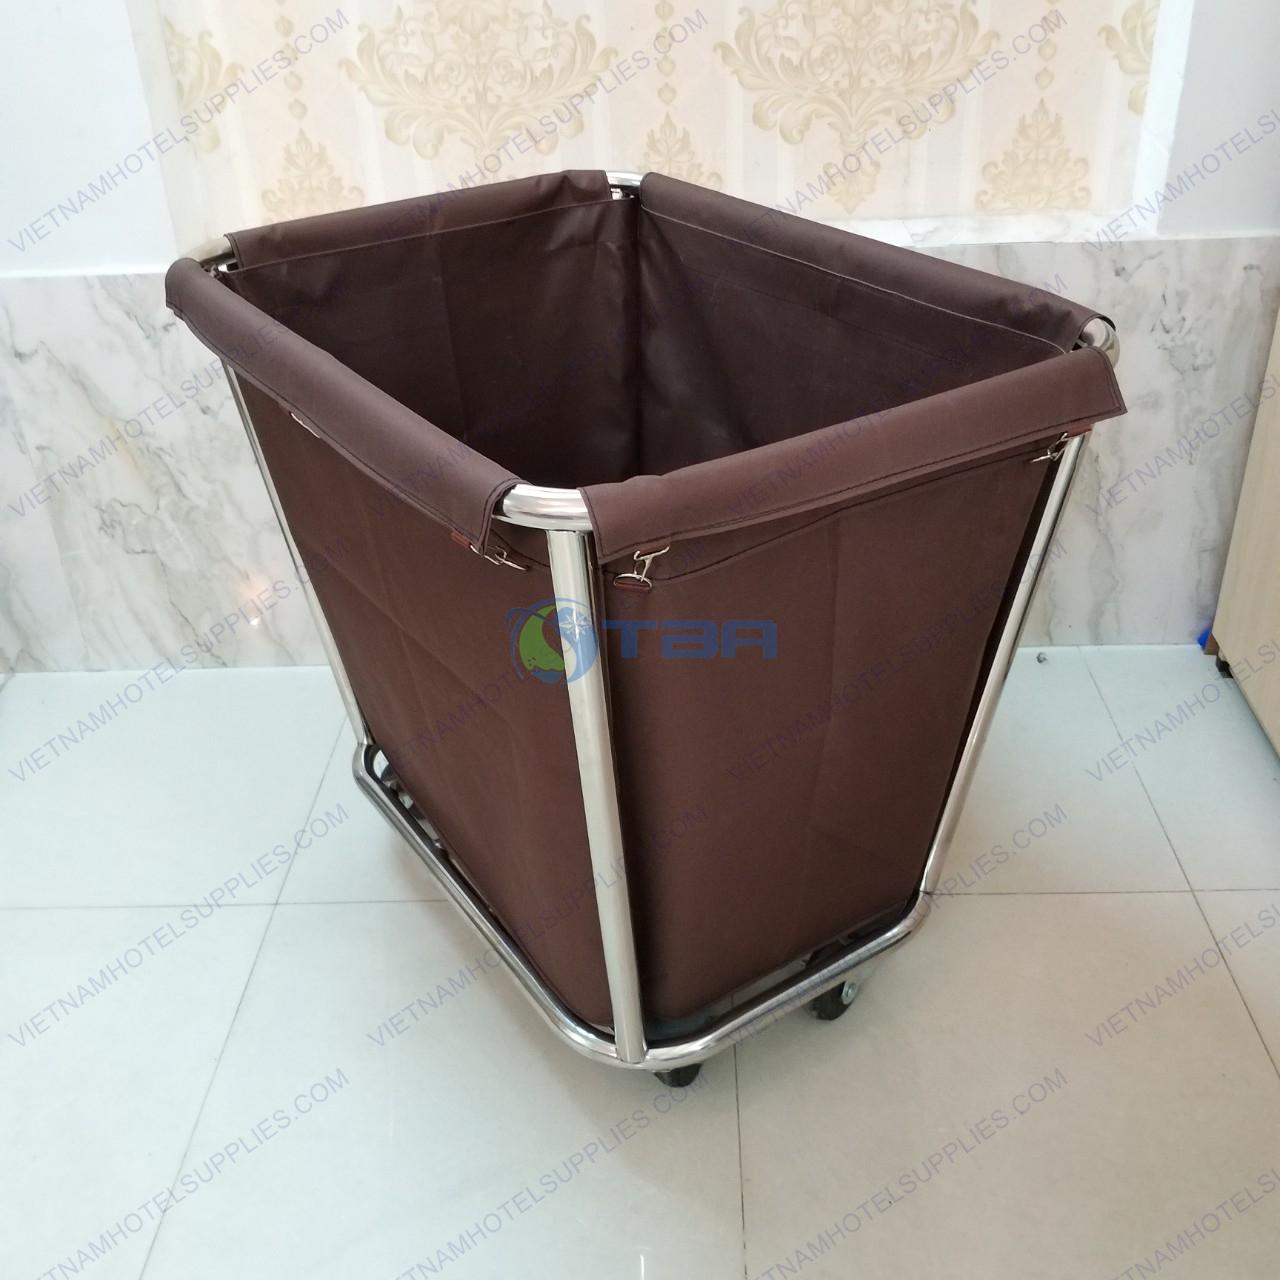 xe inox túi vải thu gom đồ dơ giặt ủi